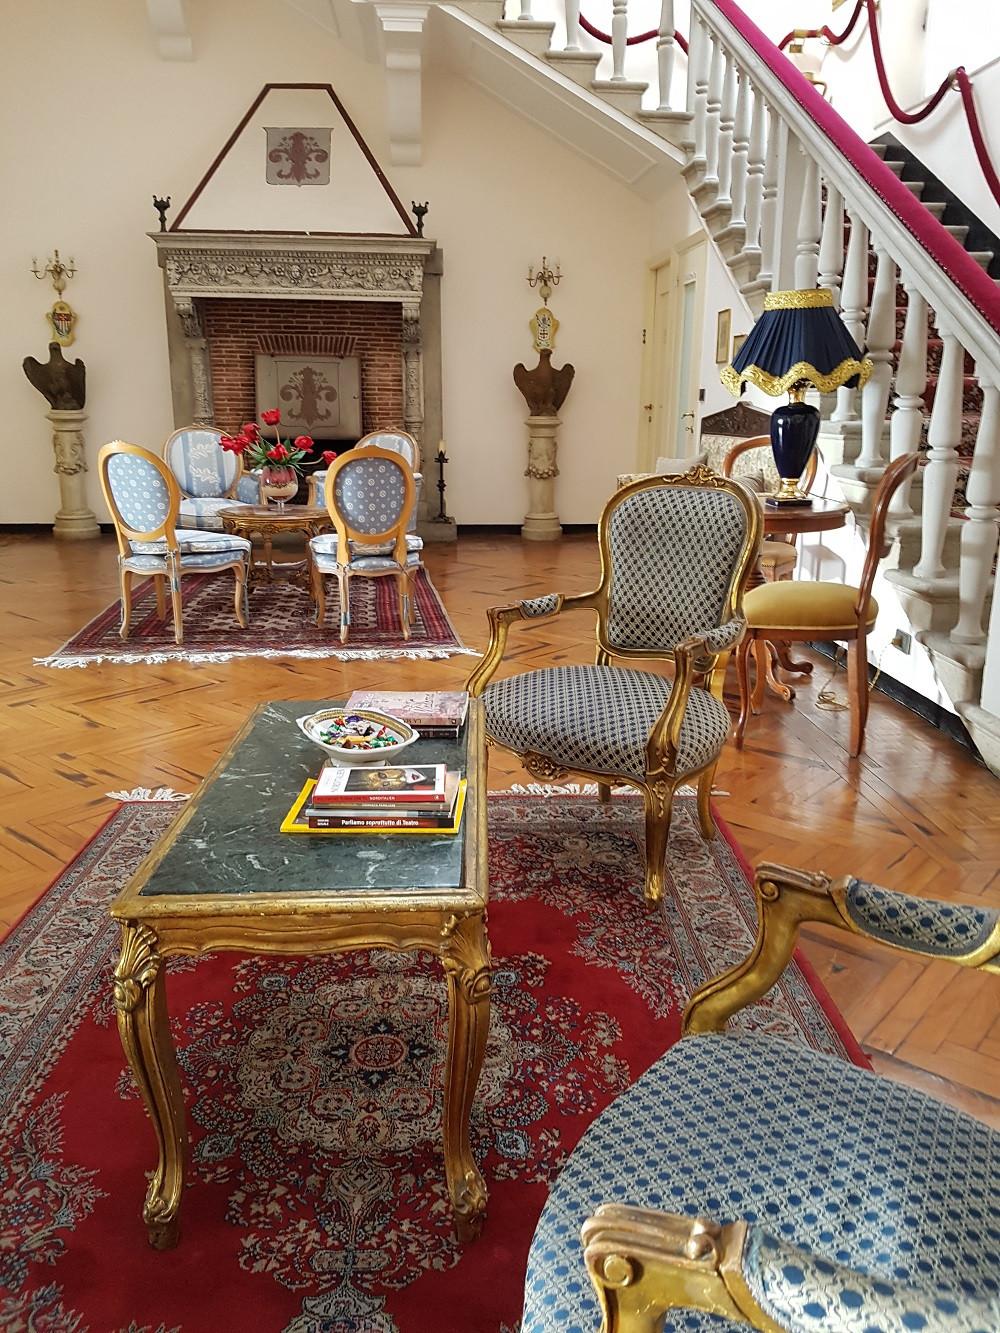 Lobby – Typische Architektur eines Ritterhauses (Wohnhalle und seitlich angelegte Treppe in die Schlafgemächer)